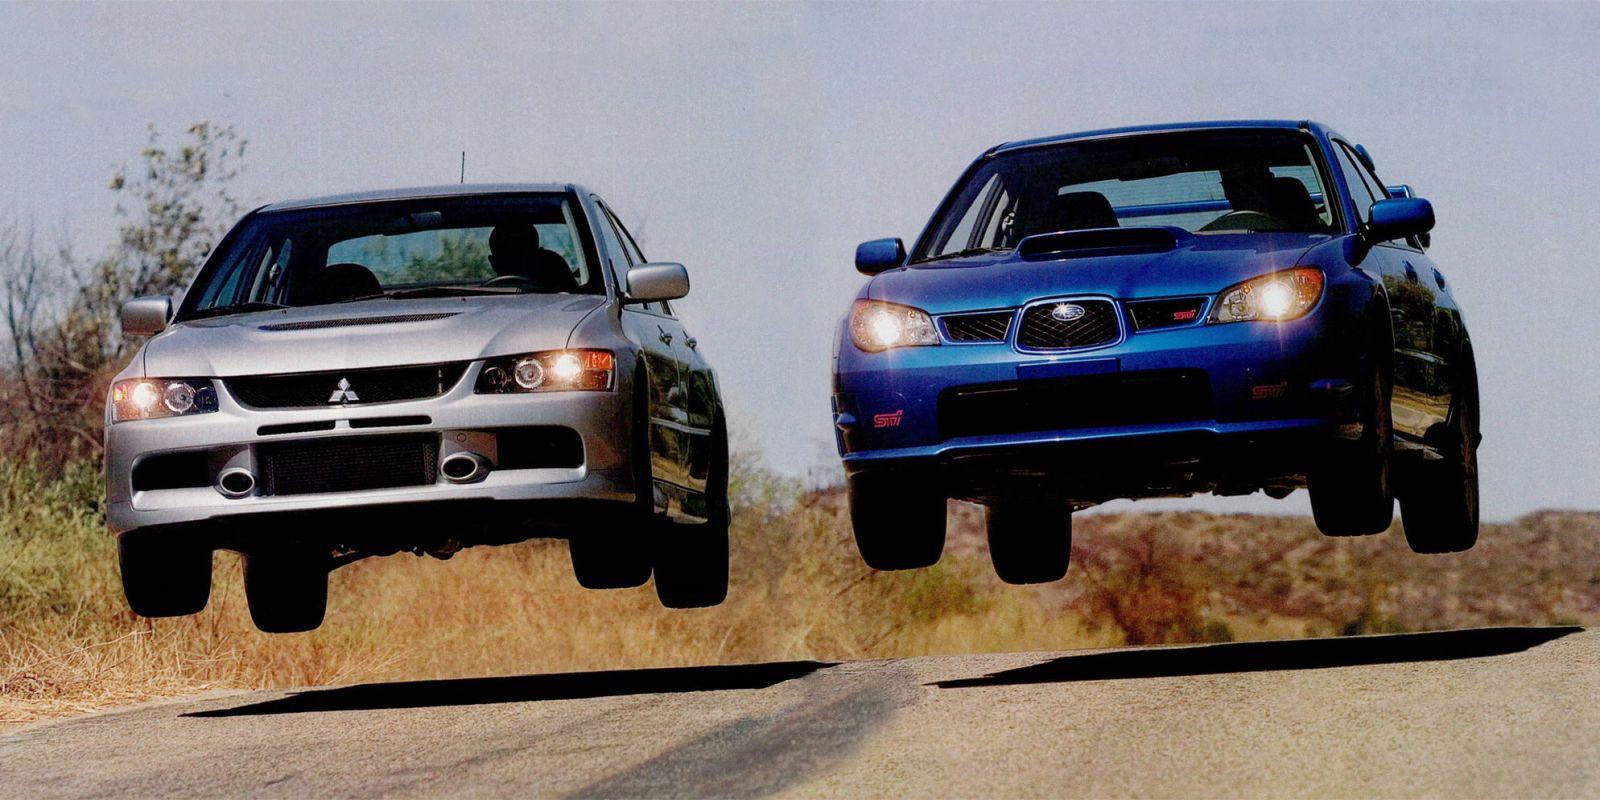 Subaru vs mitsubishi